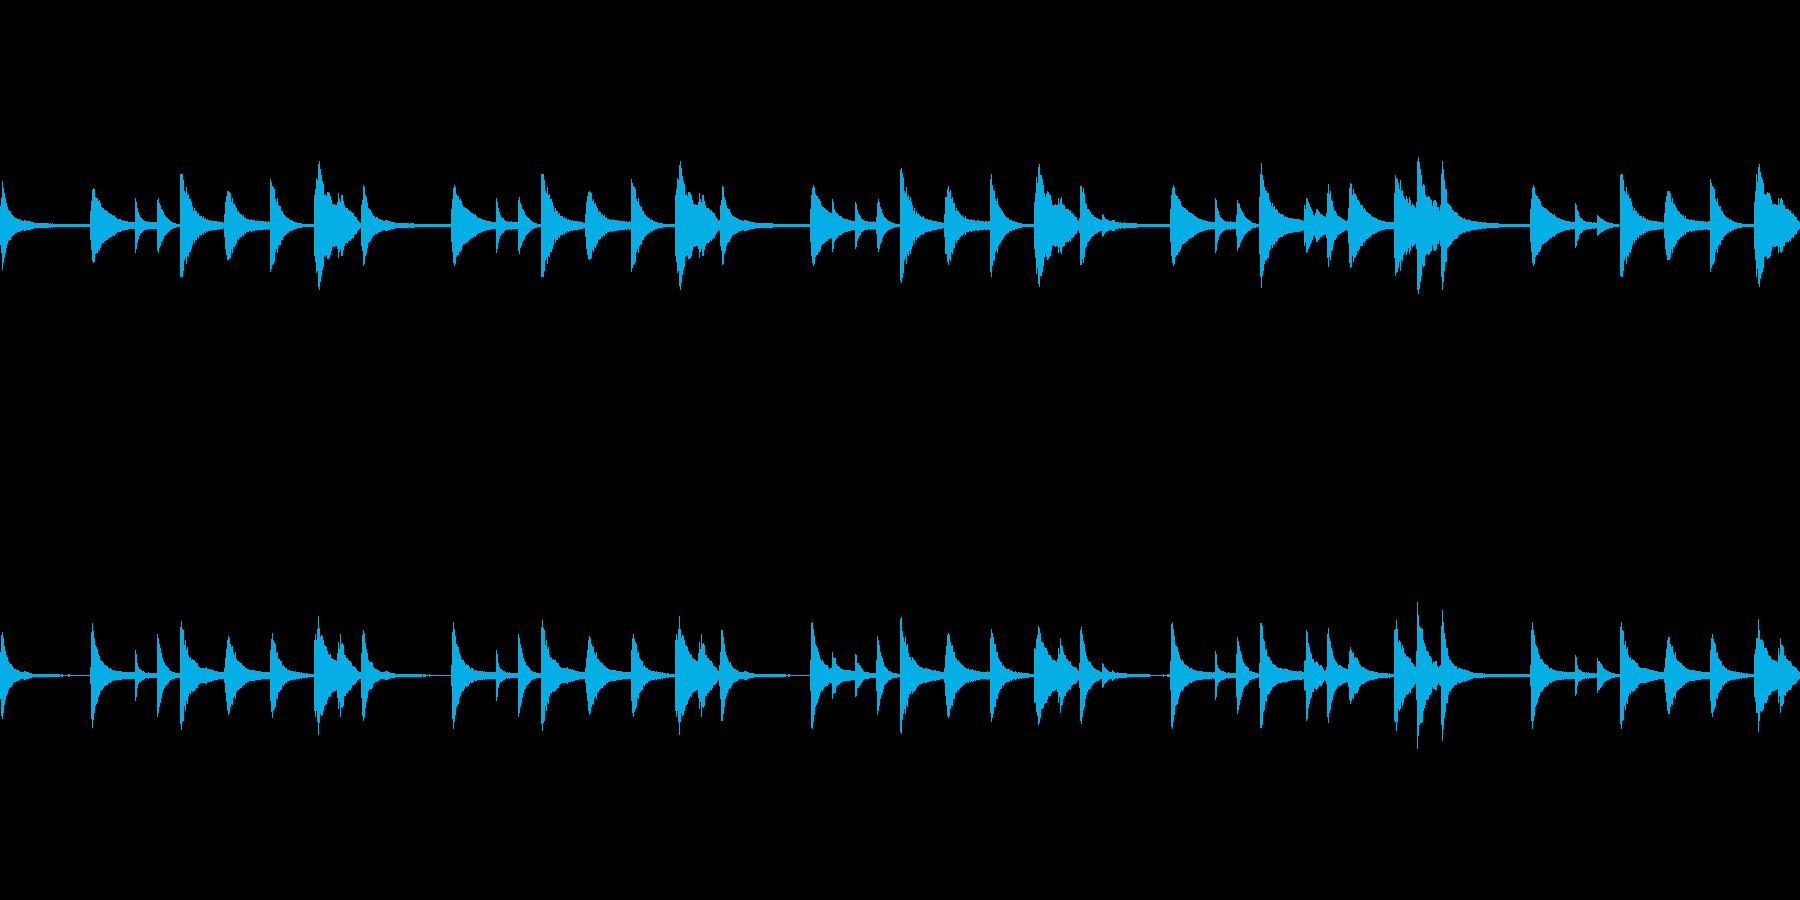 感傷的、切なさを連想させるピアノBGMの再生済みの波形